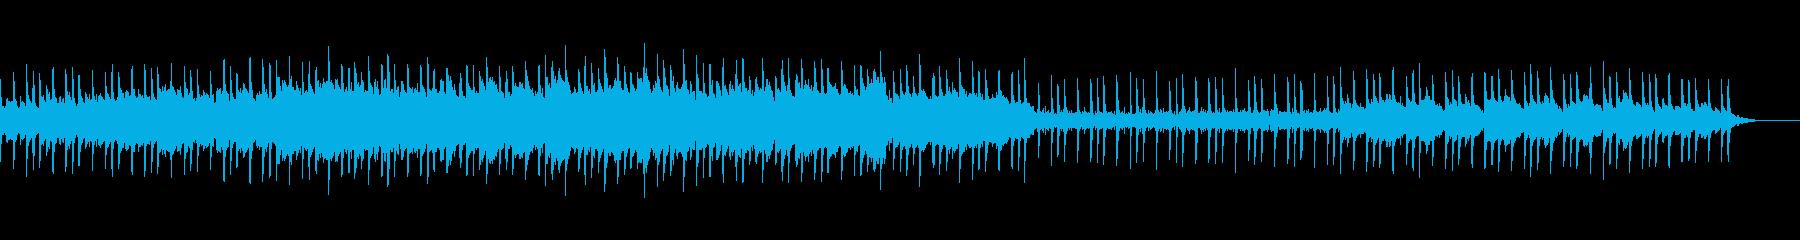 神社仏閣・神秘的・幻想的な映像のBGMの再生済みの波形